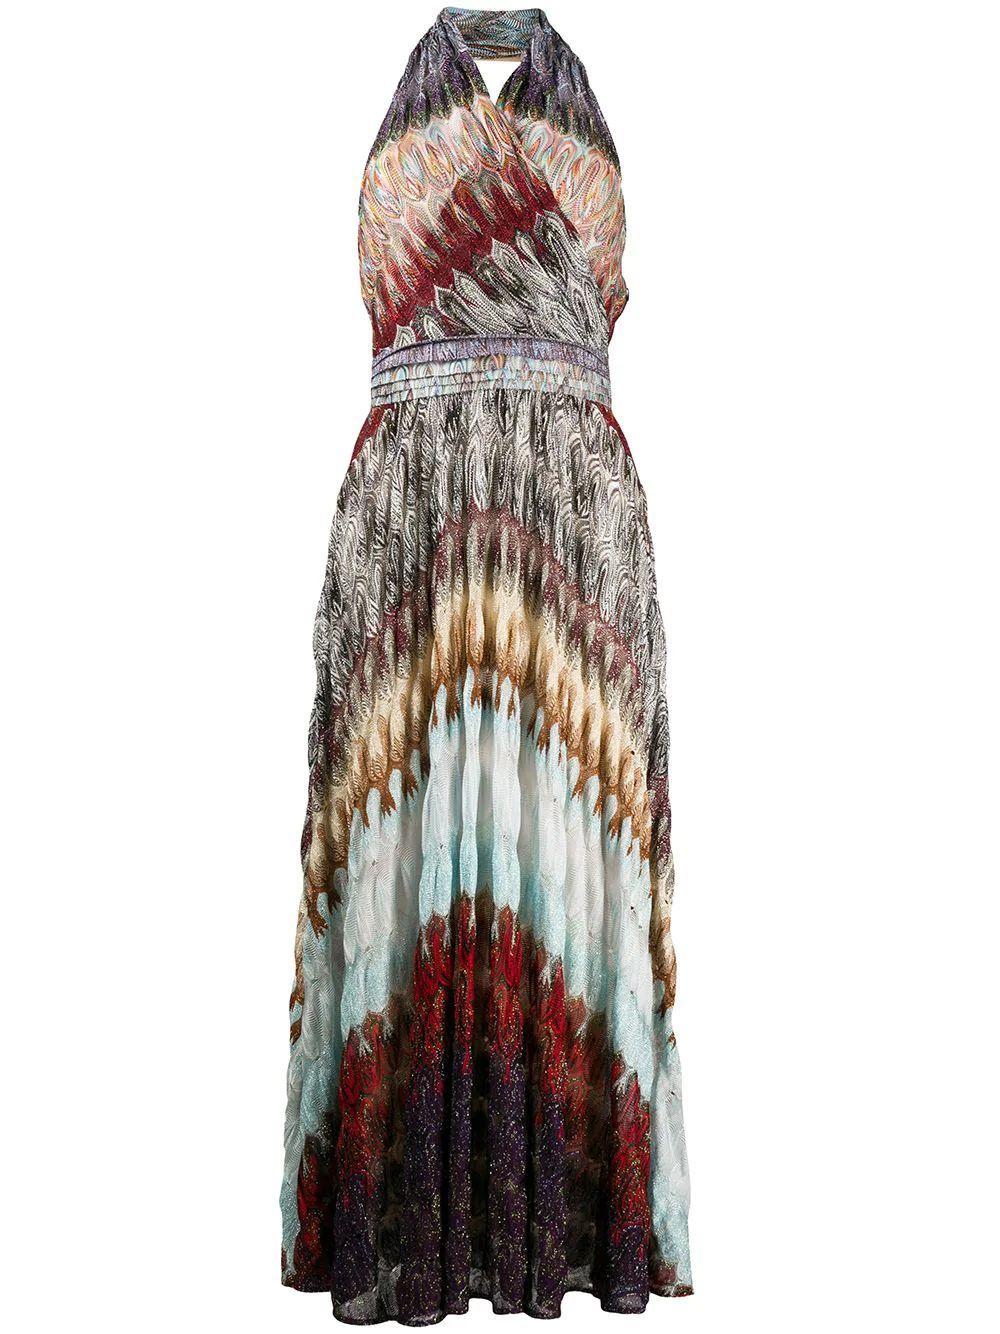 Halter Neck Midi Dress Item # MDG00516-BR007X